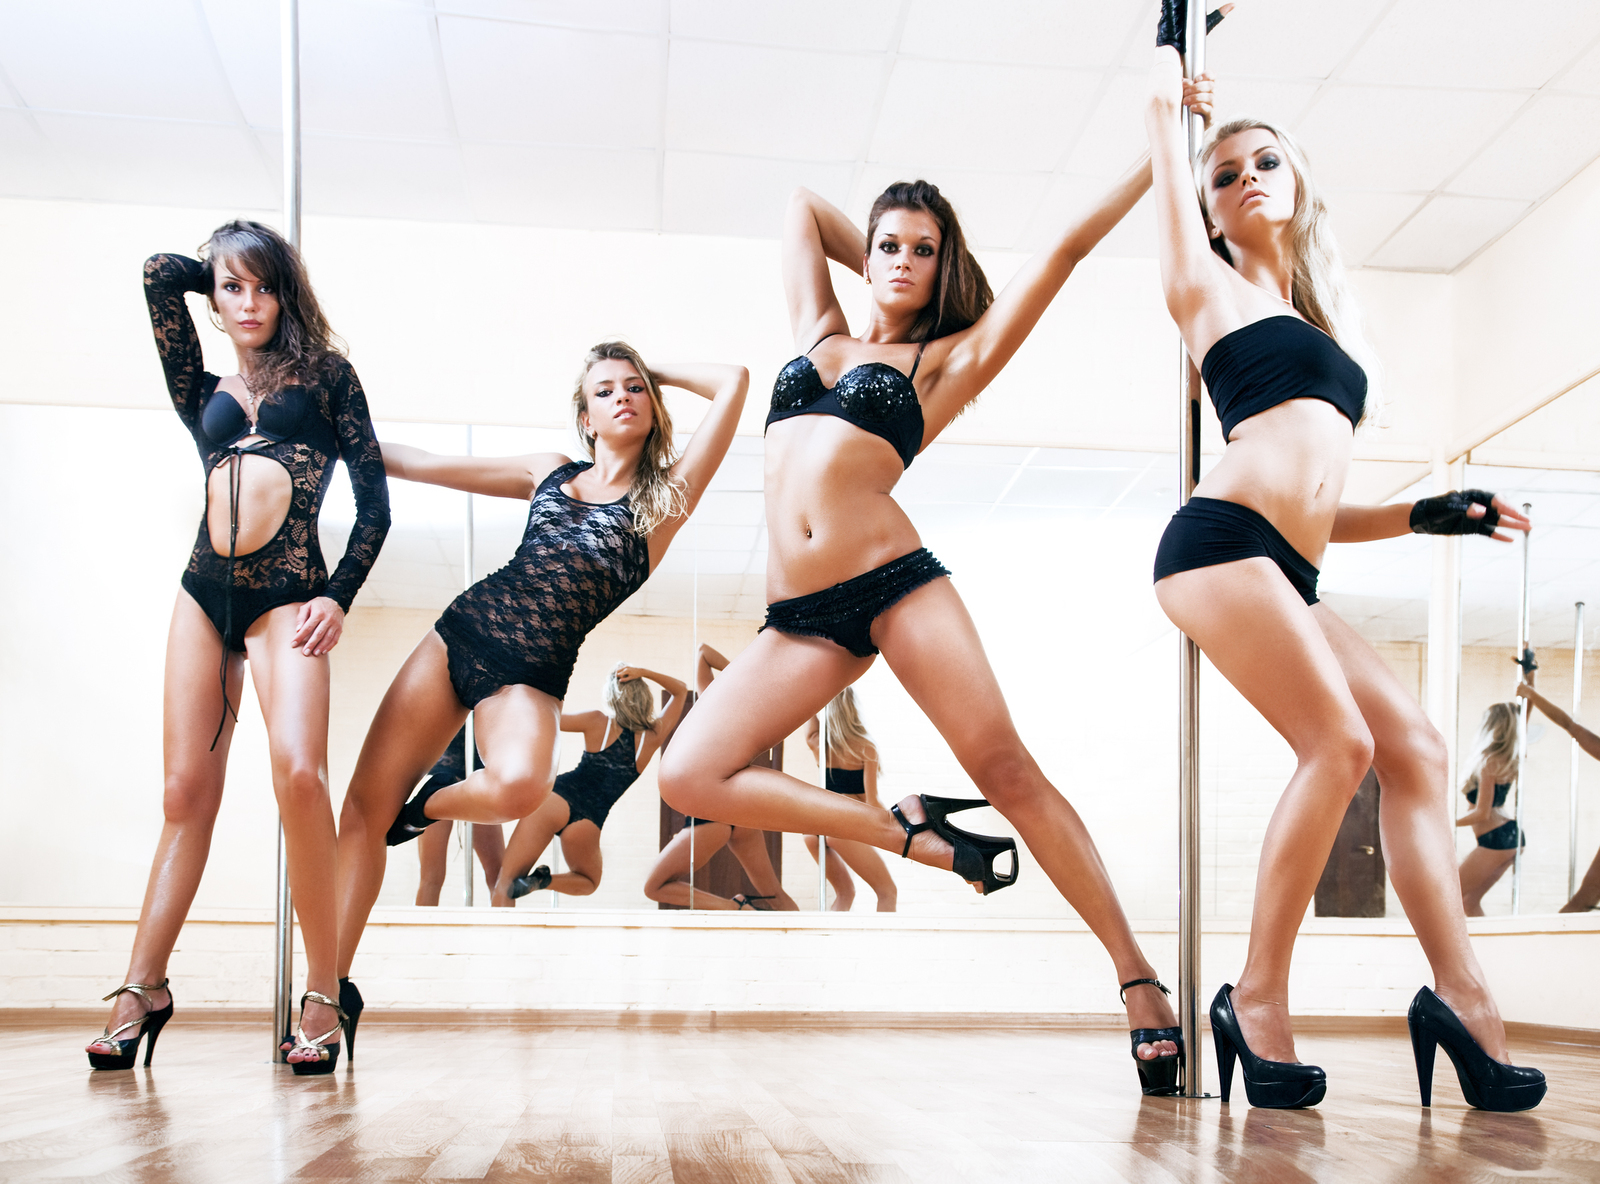 Сексуальная девушка танцует go go 14 фотография